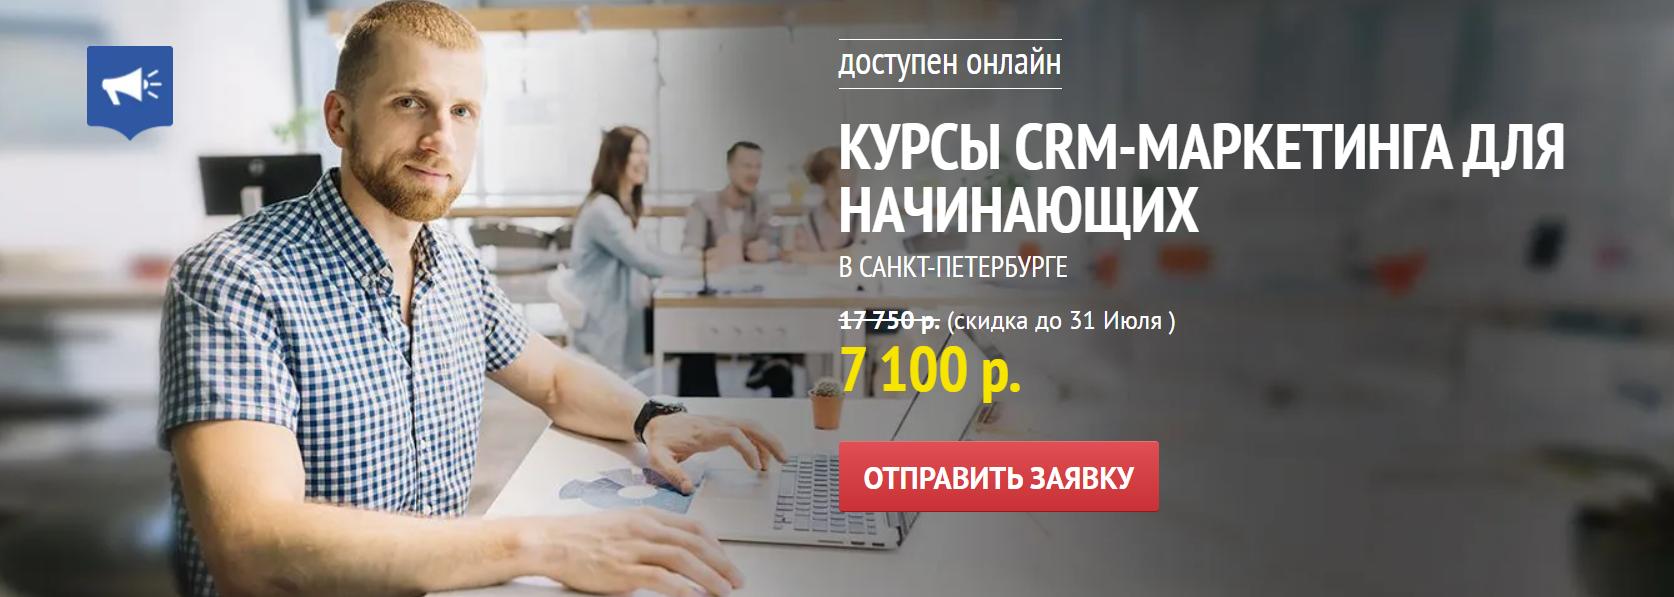 Отзывы о курсе - CRM-маркетинг для начинающих от Международной школы профессий